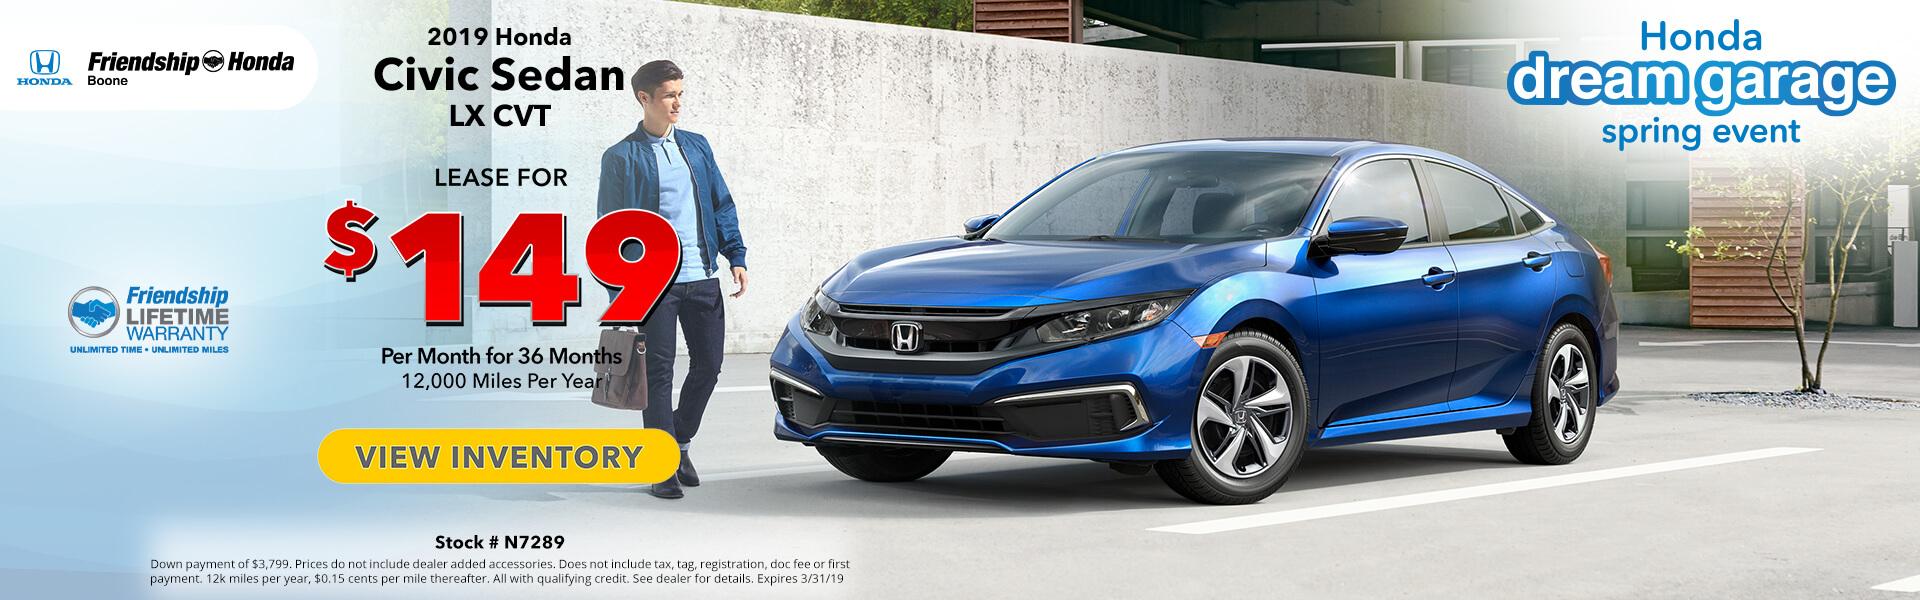 Honda Civic $149 Lease